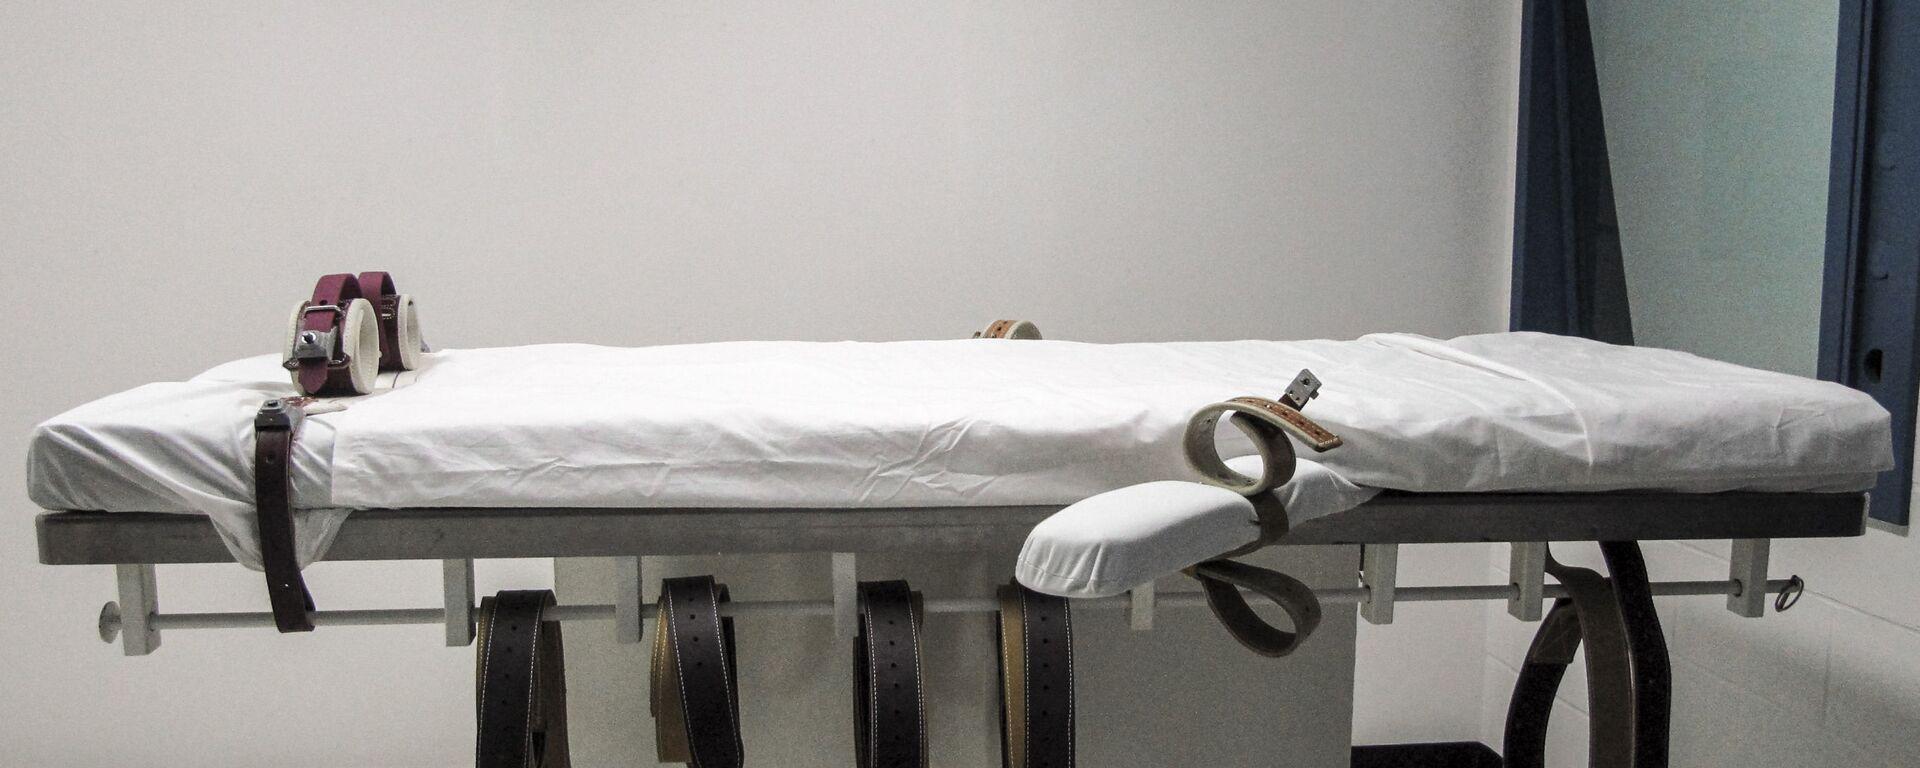 Комната для смертельной инъекции в США - Sputnik Italia, 1920, 24.01.2021